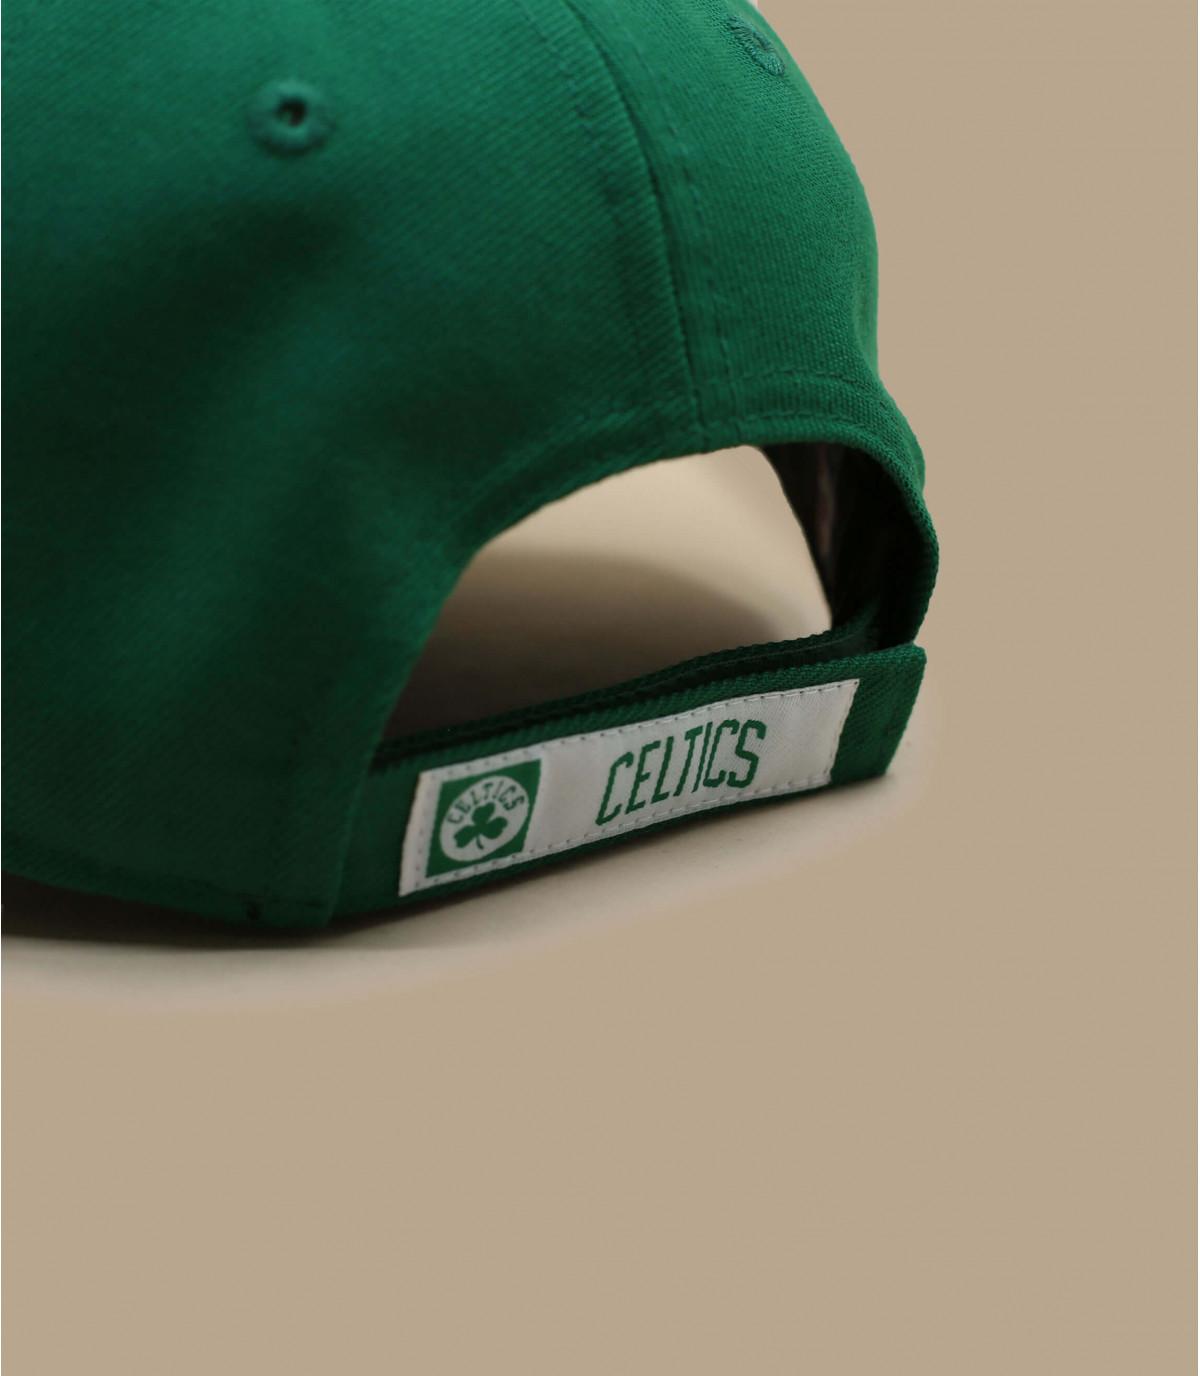 Detalles The League Celtics imagen 3